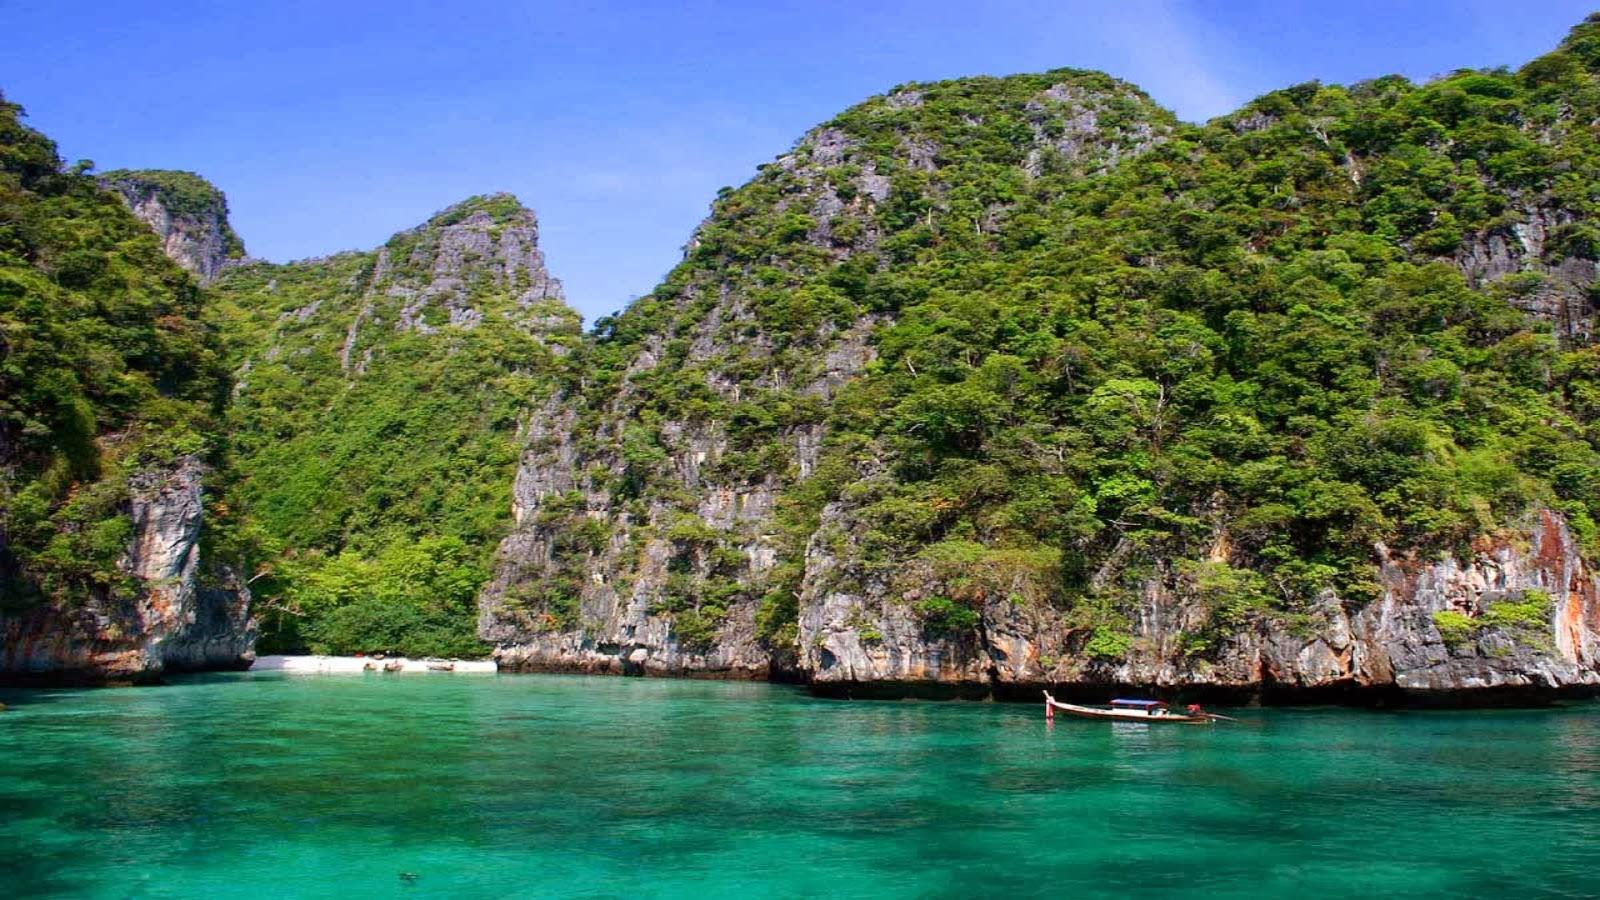 Thailand Beach Hd Wallpapers 1080p   Himachal Pradesh Natural 1600x900